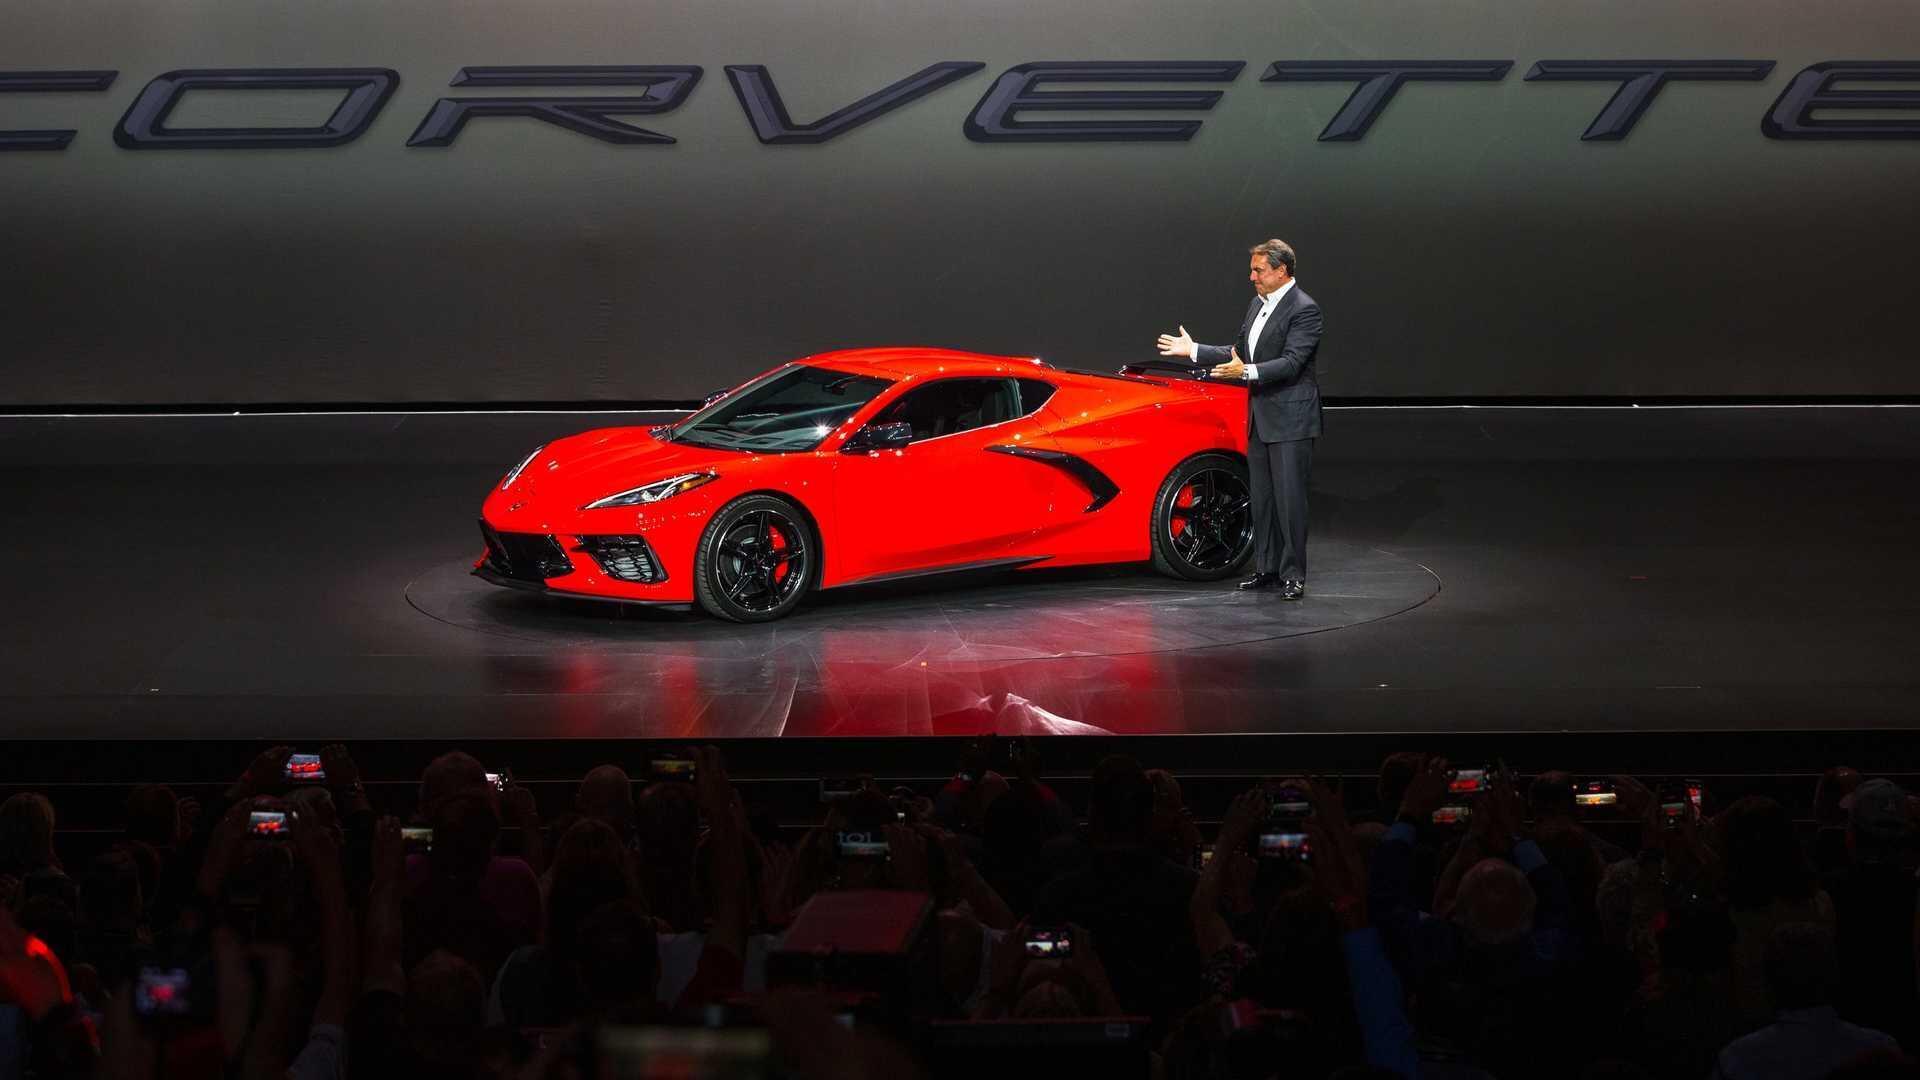 https://cdn.dailyxe.com.vn/image/chevrolet-corvette-2020-co-mot-so-tinh-nang-an-tuyet-voi-14-94513j2.jpg